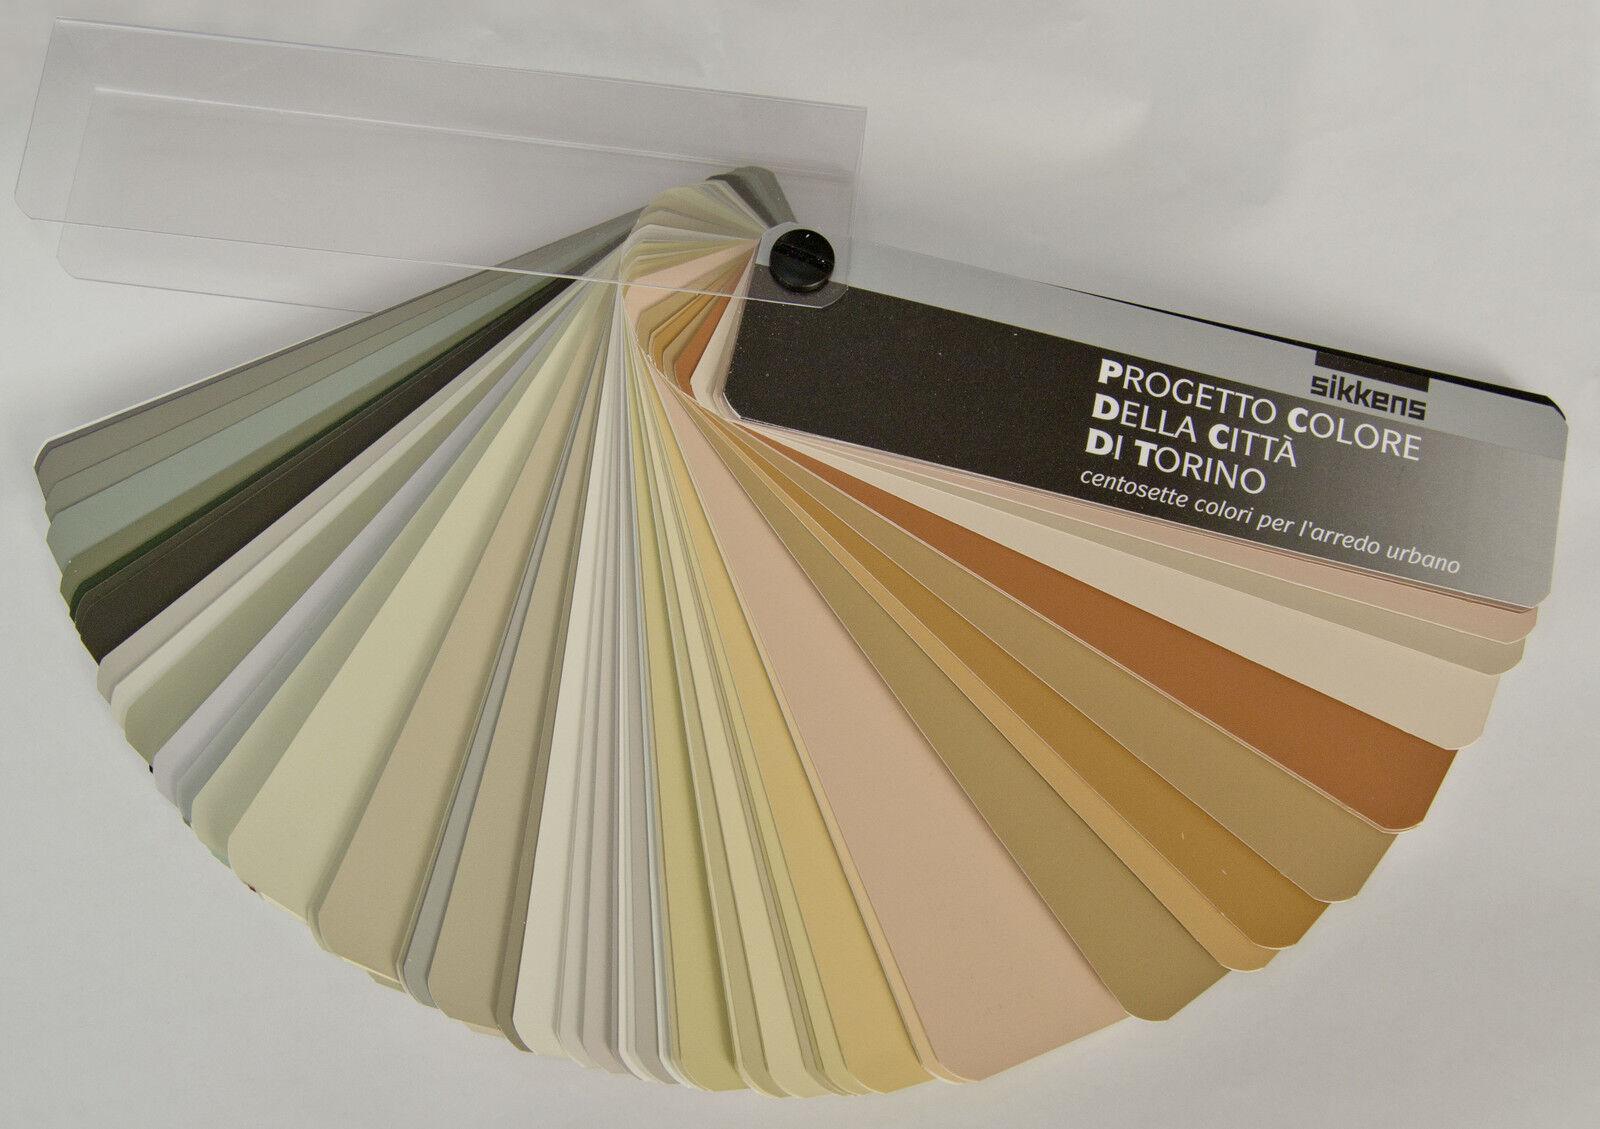 Tabella Colori Sikkens Ral mazzetta sikkens vernici e pitture piano colore della citta